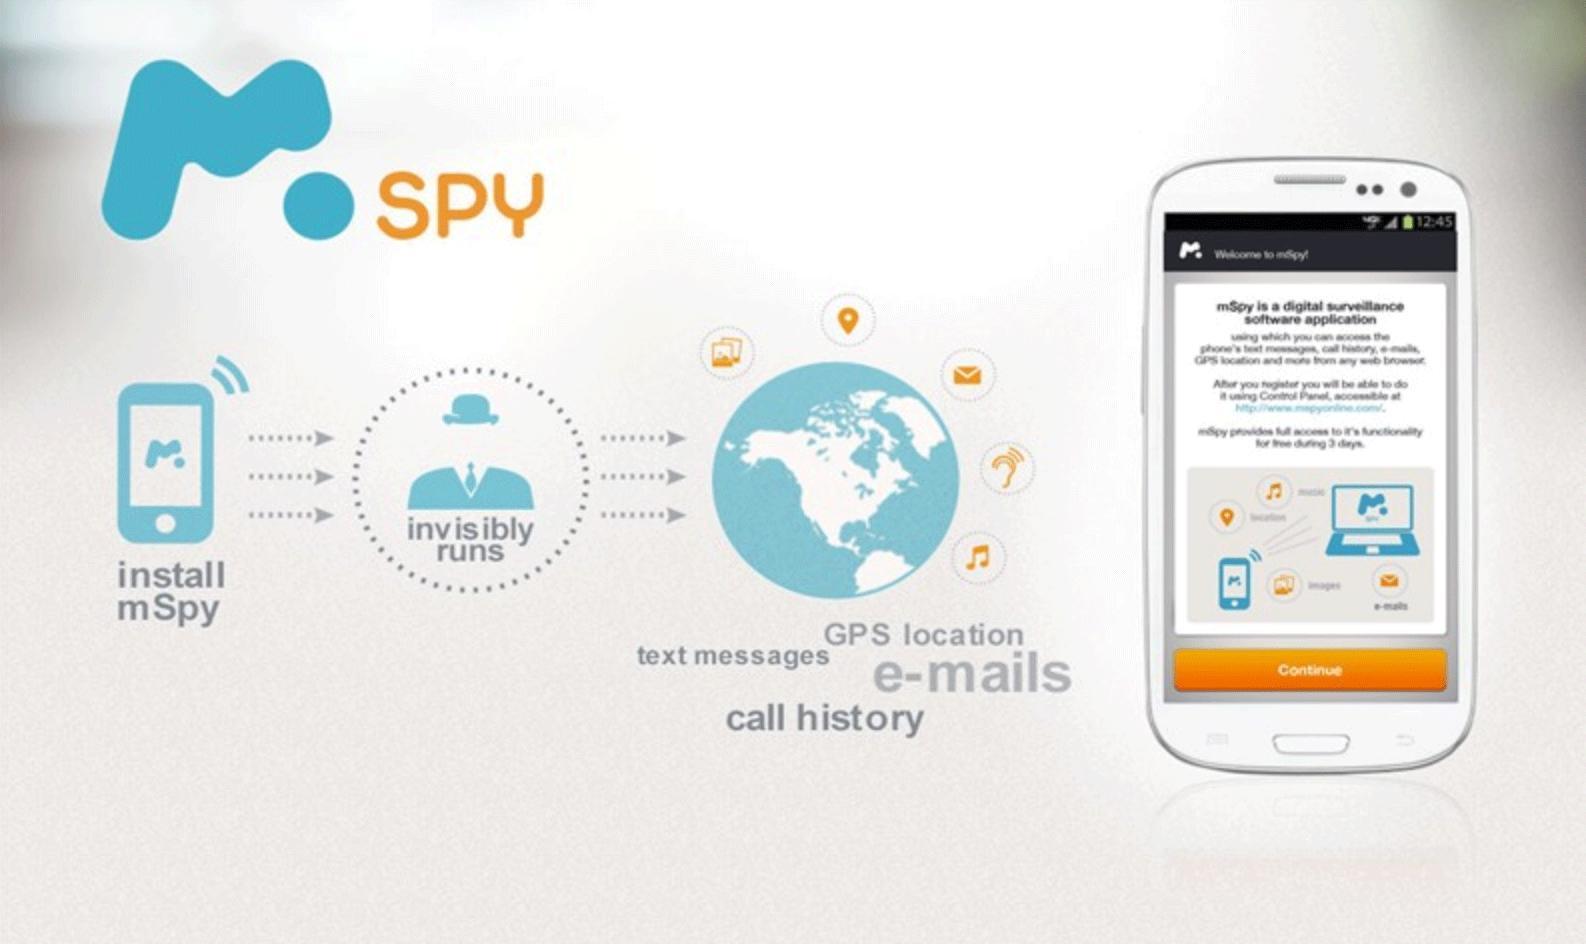 Porqué mSpy lleva 5 años liderando el rastreo de teléfonos móviles